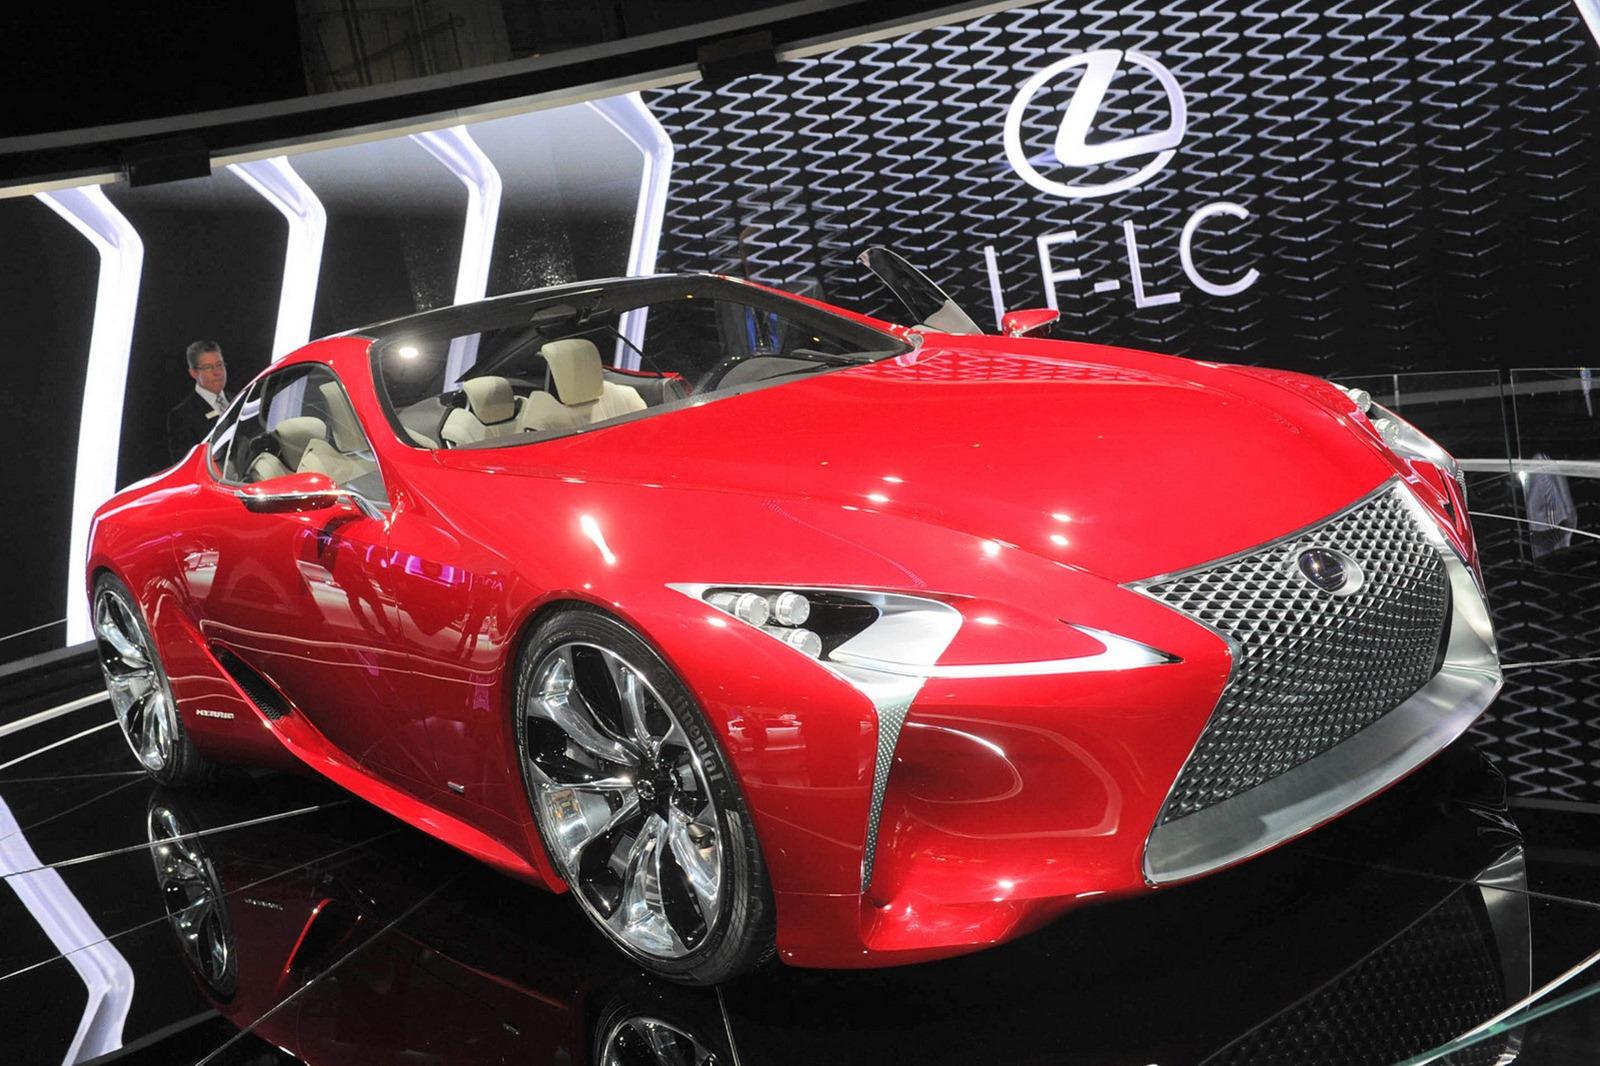 Lexus xác nhận ra mắt xe hoàn toàn mới tại Detroit Auto Show